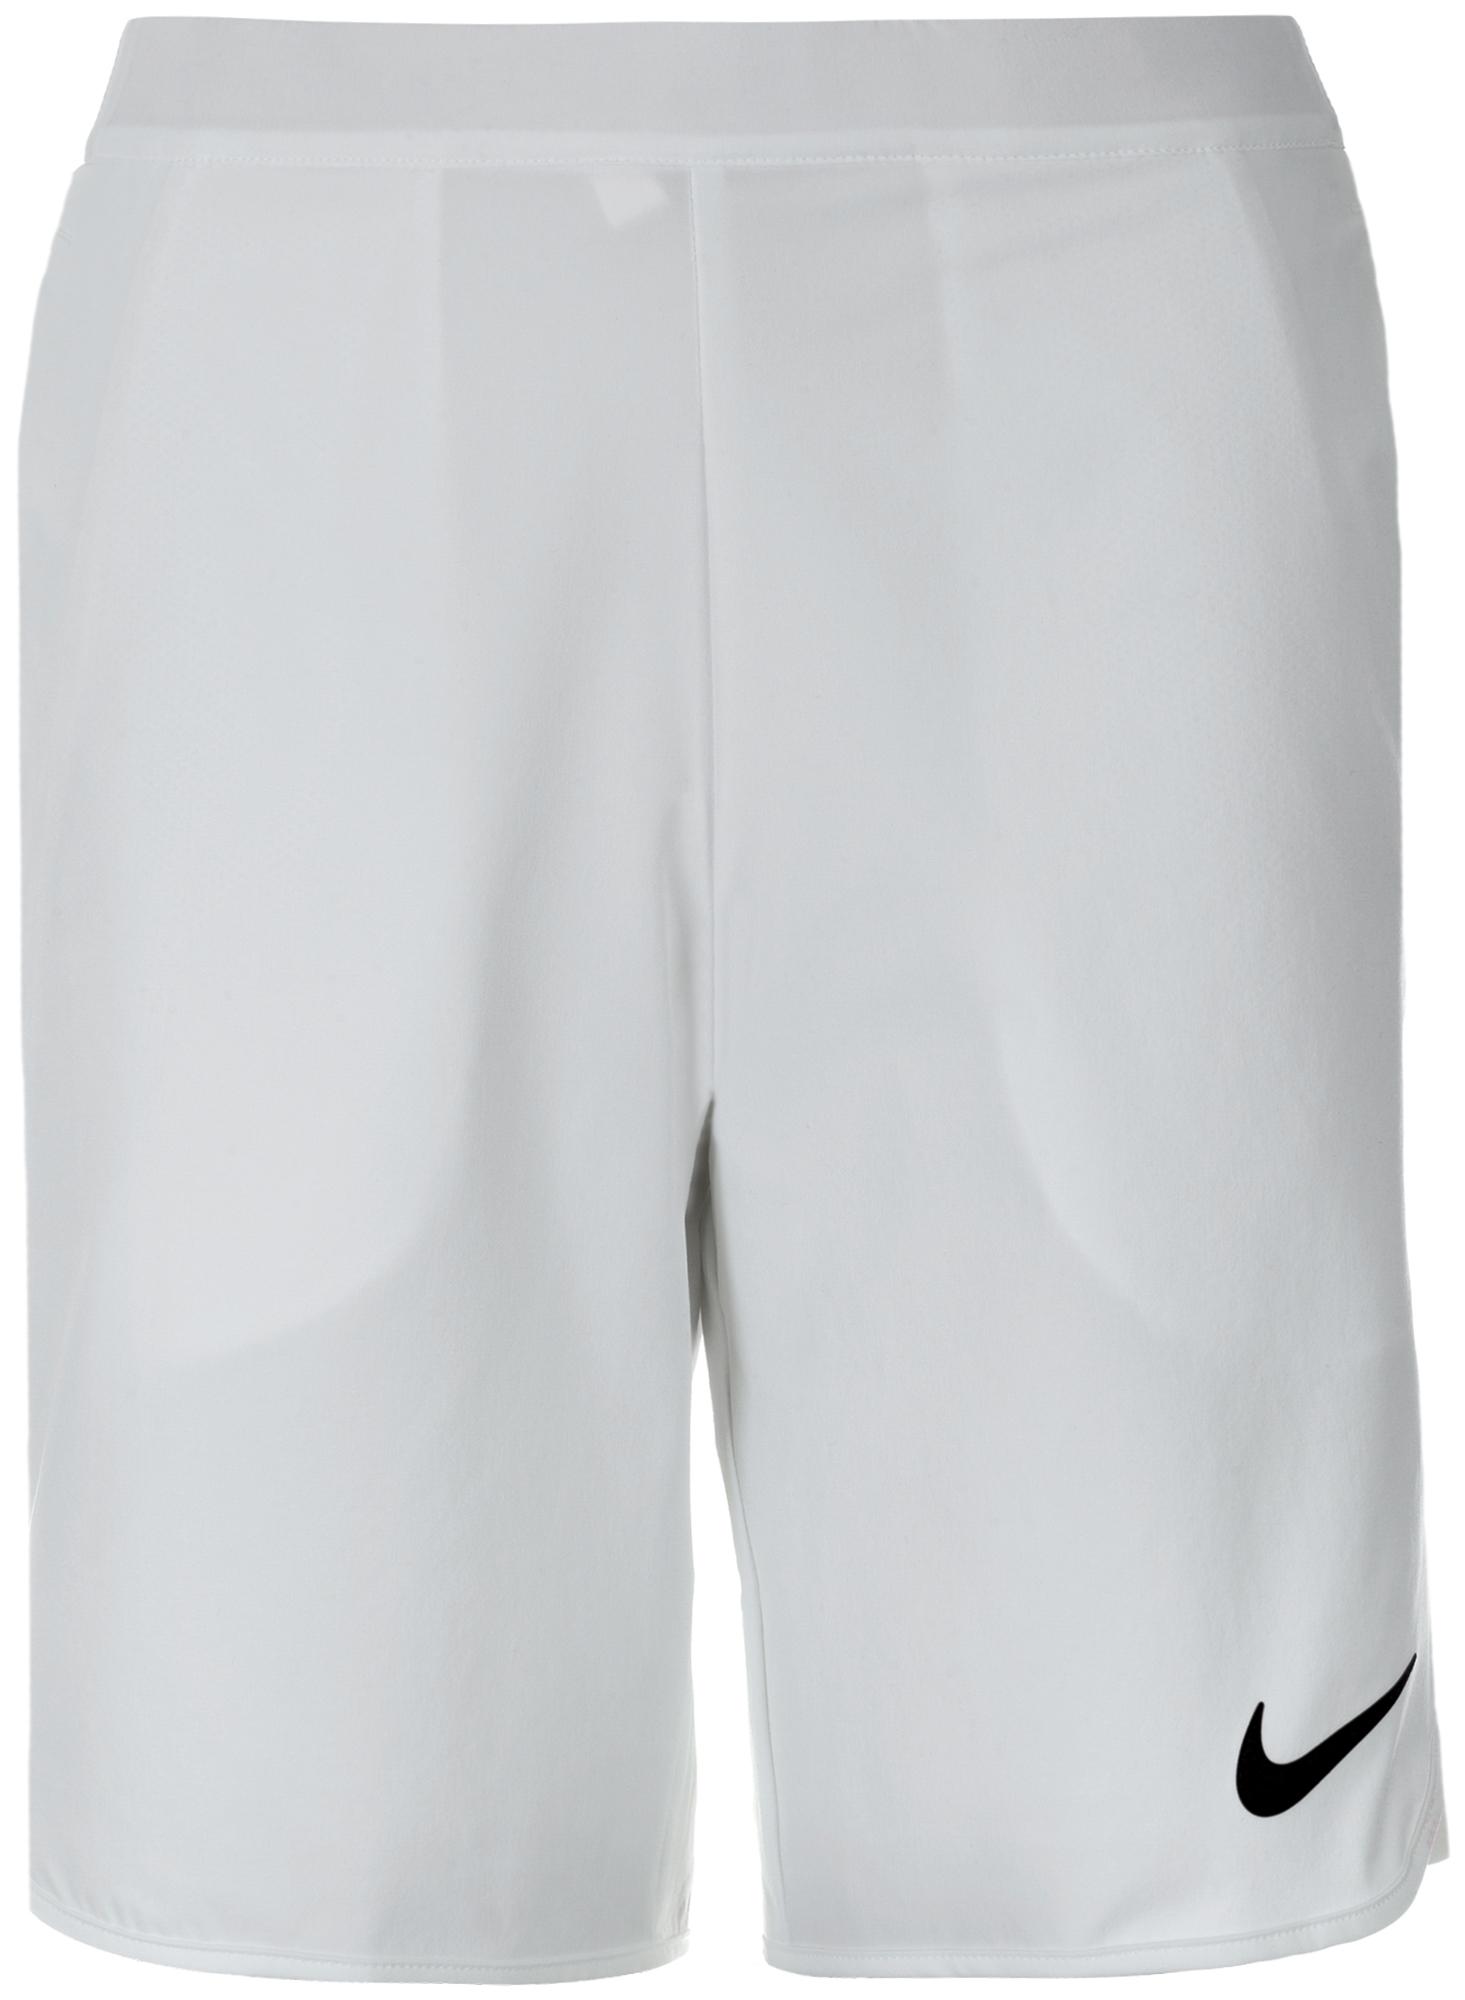 Nike Шорты для мальчиков Nike Flex Ace nike nike ni464aghca01